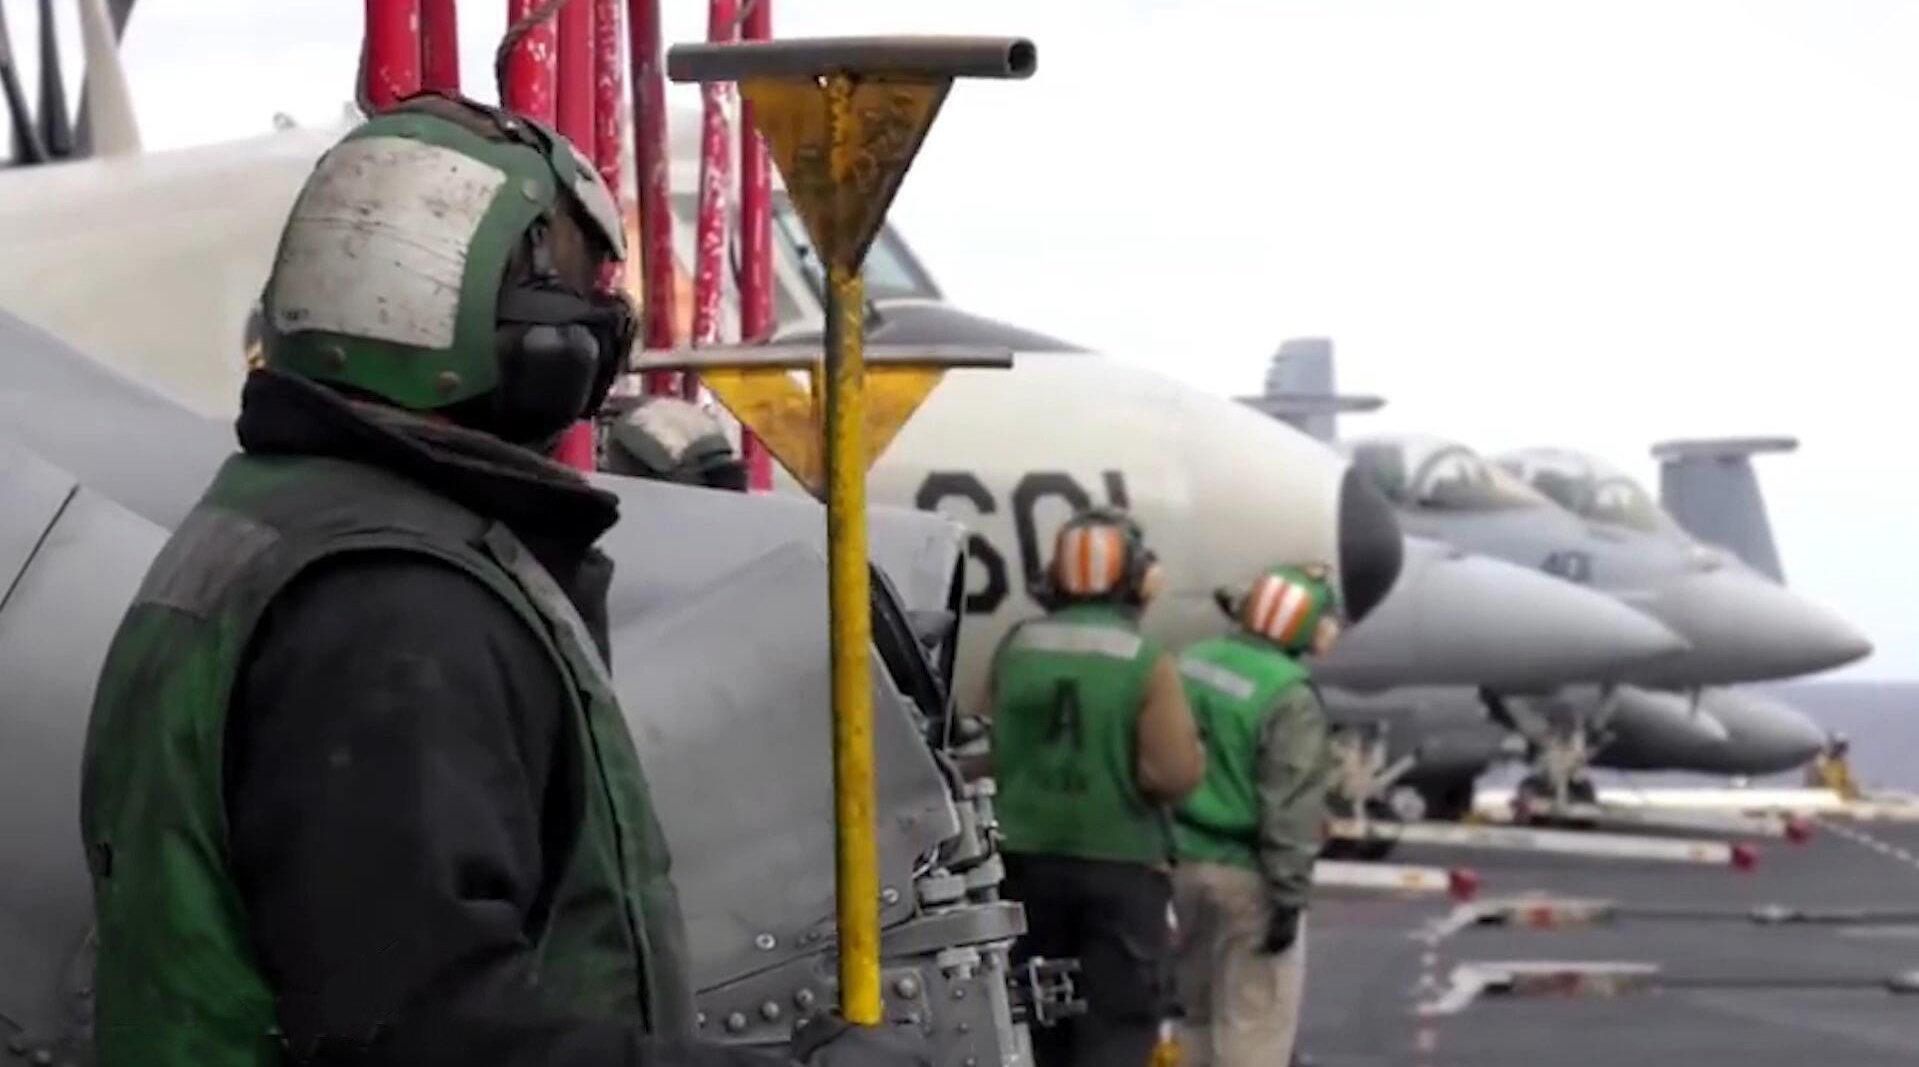 美军F-18大黄蜂战机,在杜鲁门号航空母舰上,进行昼夜起降演练!